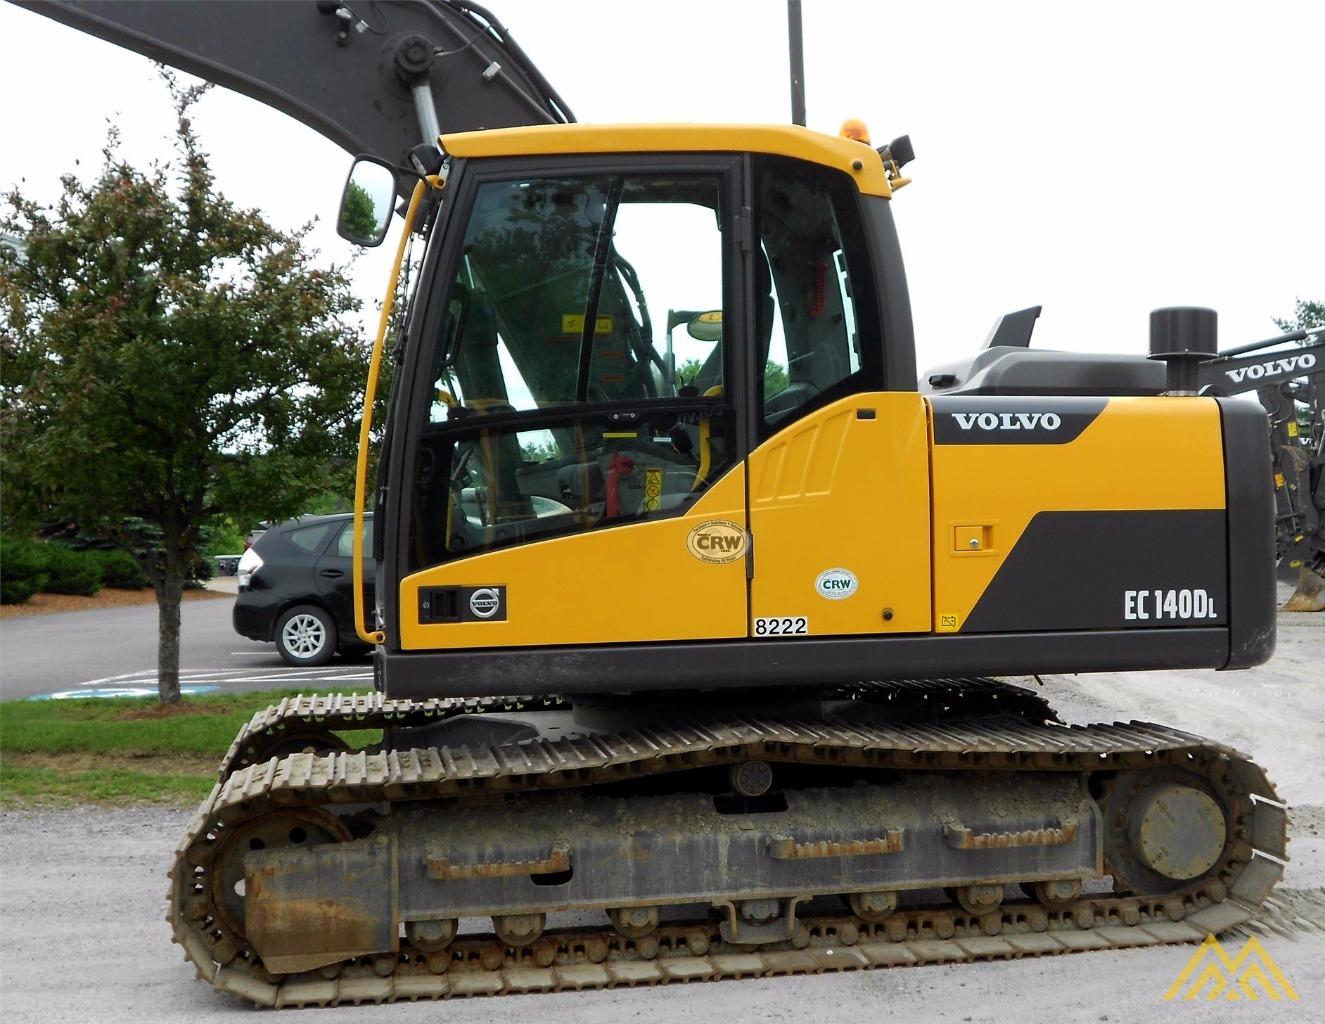 Volvo EC140DL Crawler Excavator 1